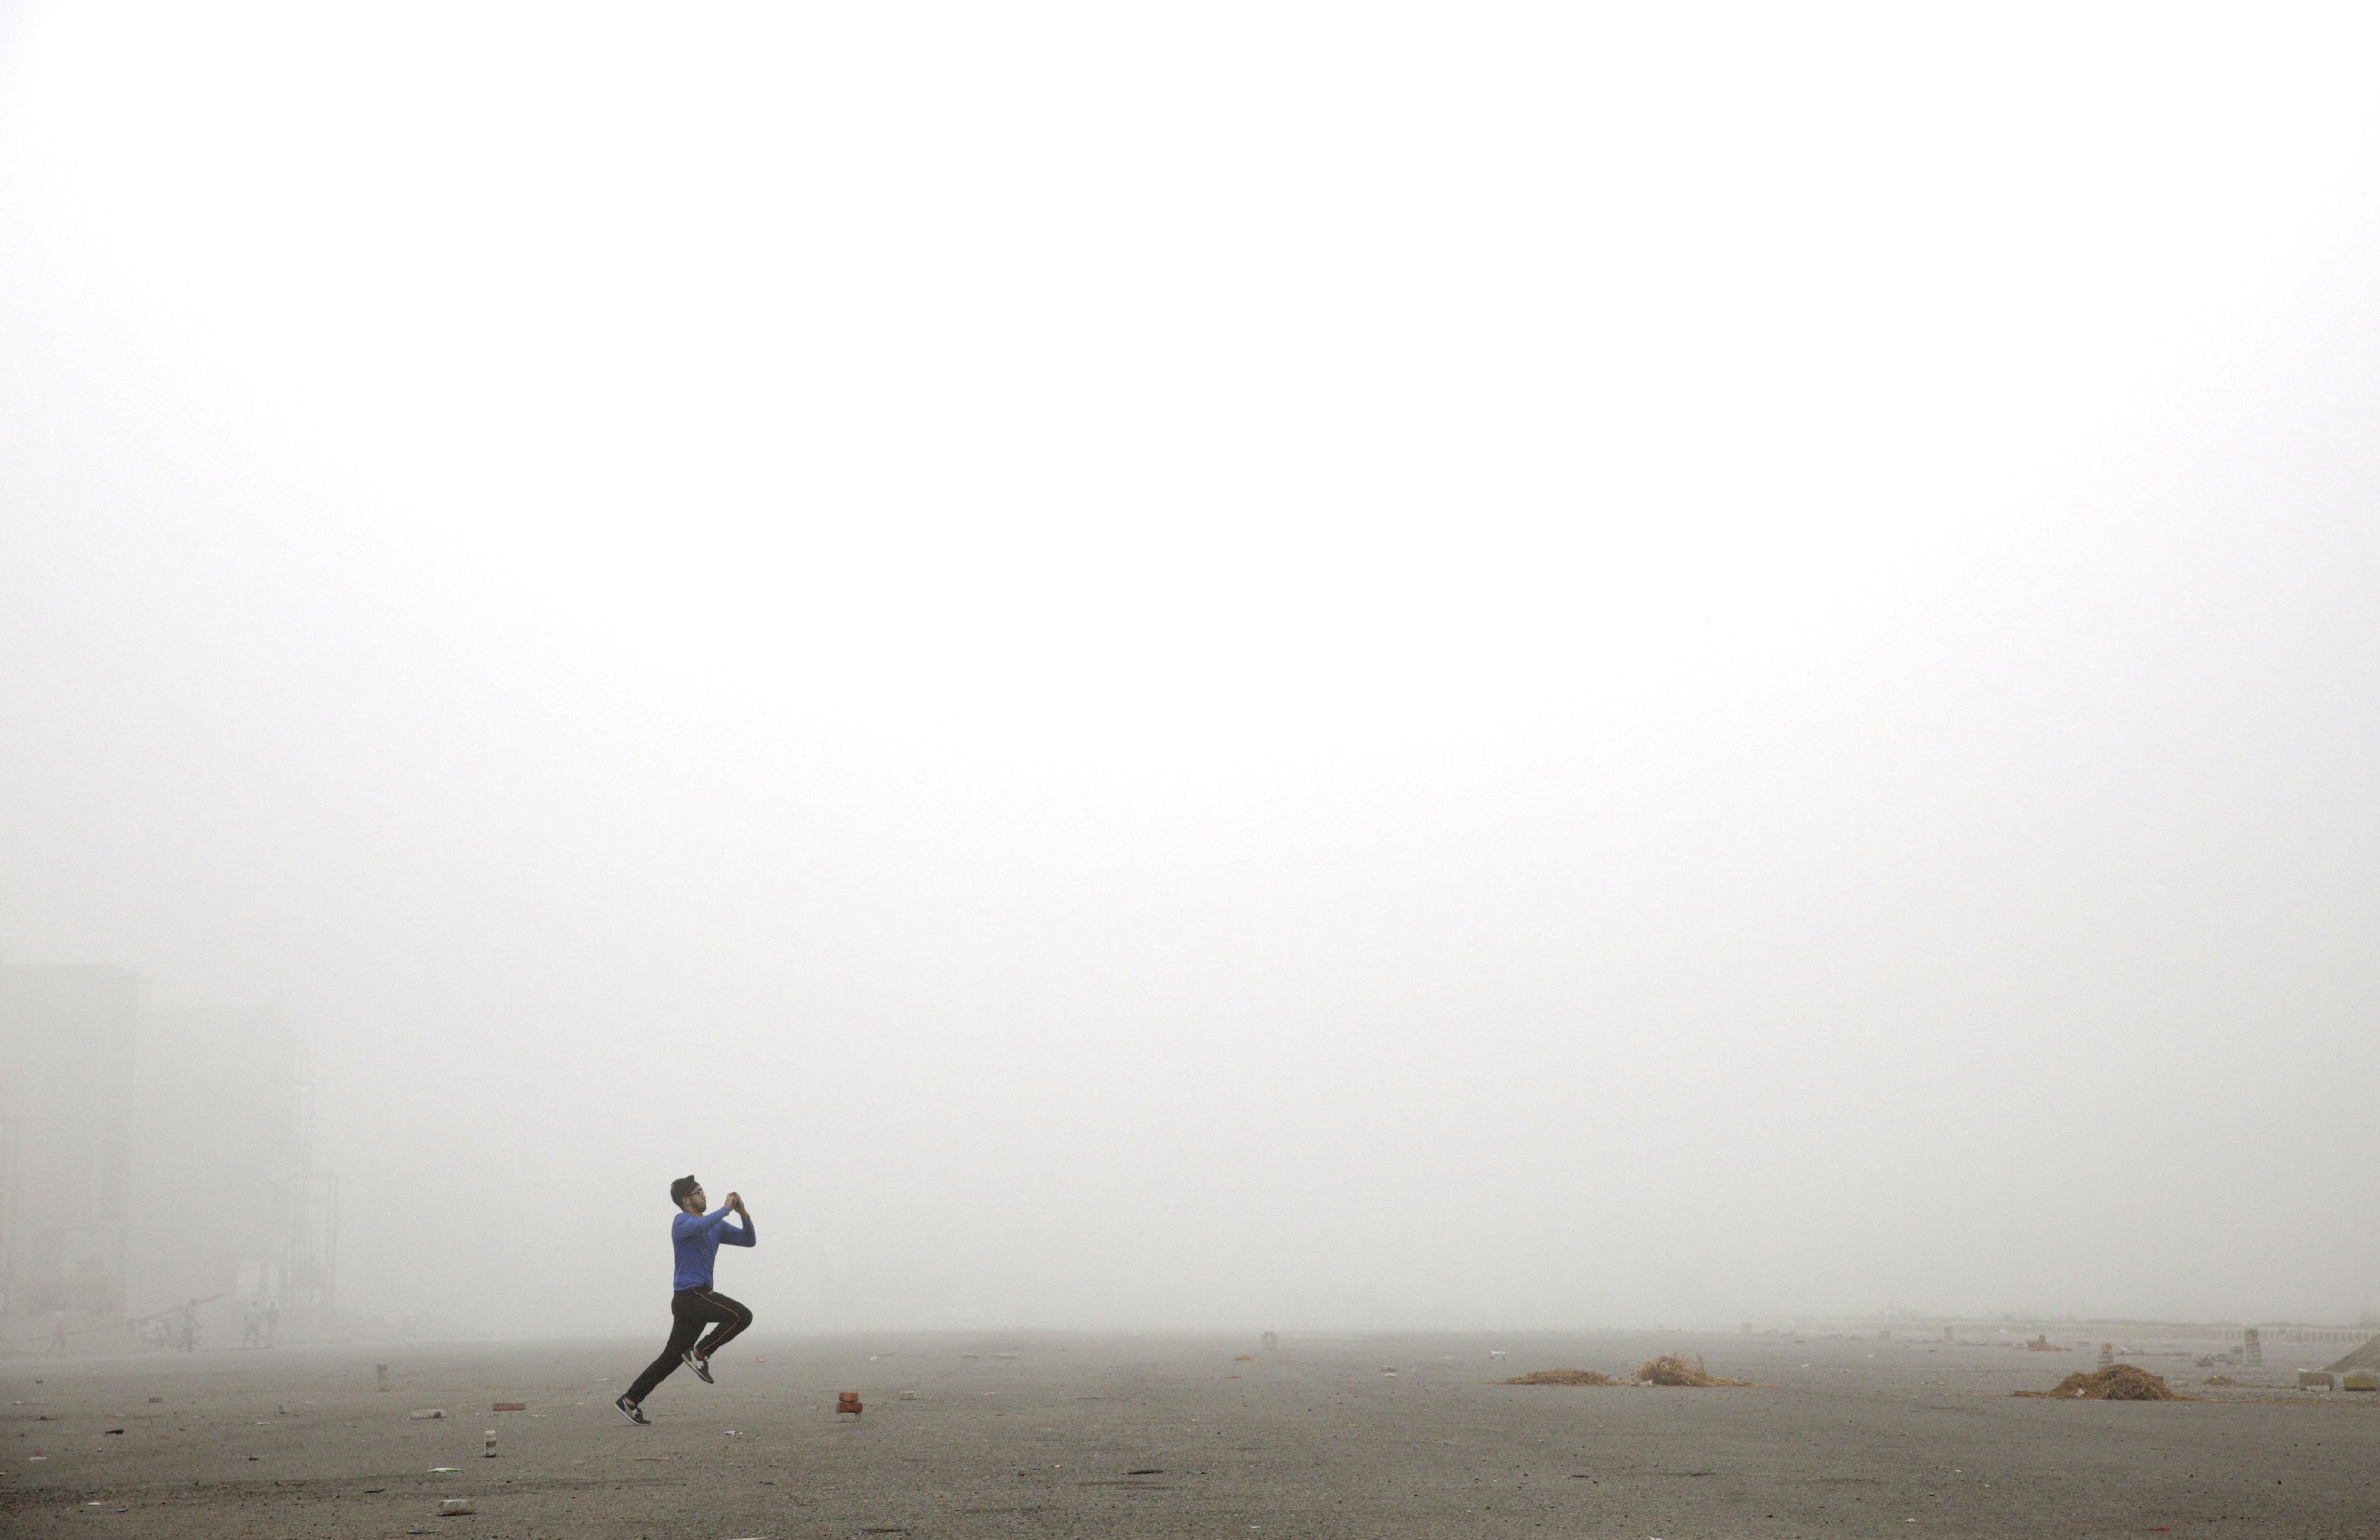 Un home juga al criquet en un dia ennuvolat, que es mantindrà diversos dies després de baixades de temperatura, a Amristar (Índia). /RAMINDER PAL SINGH